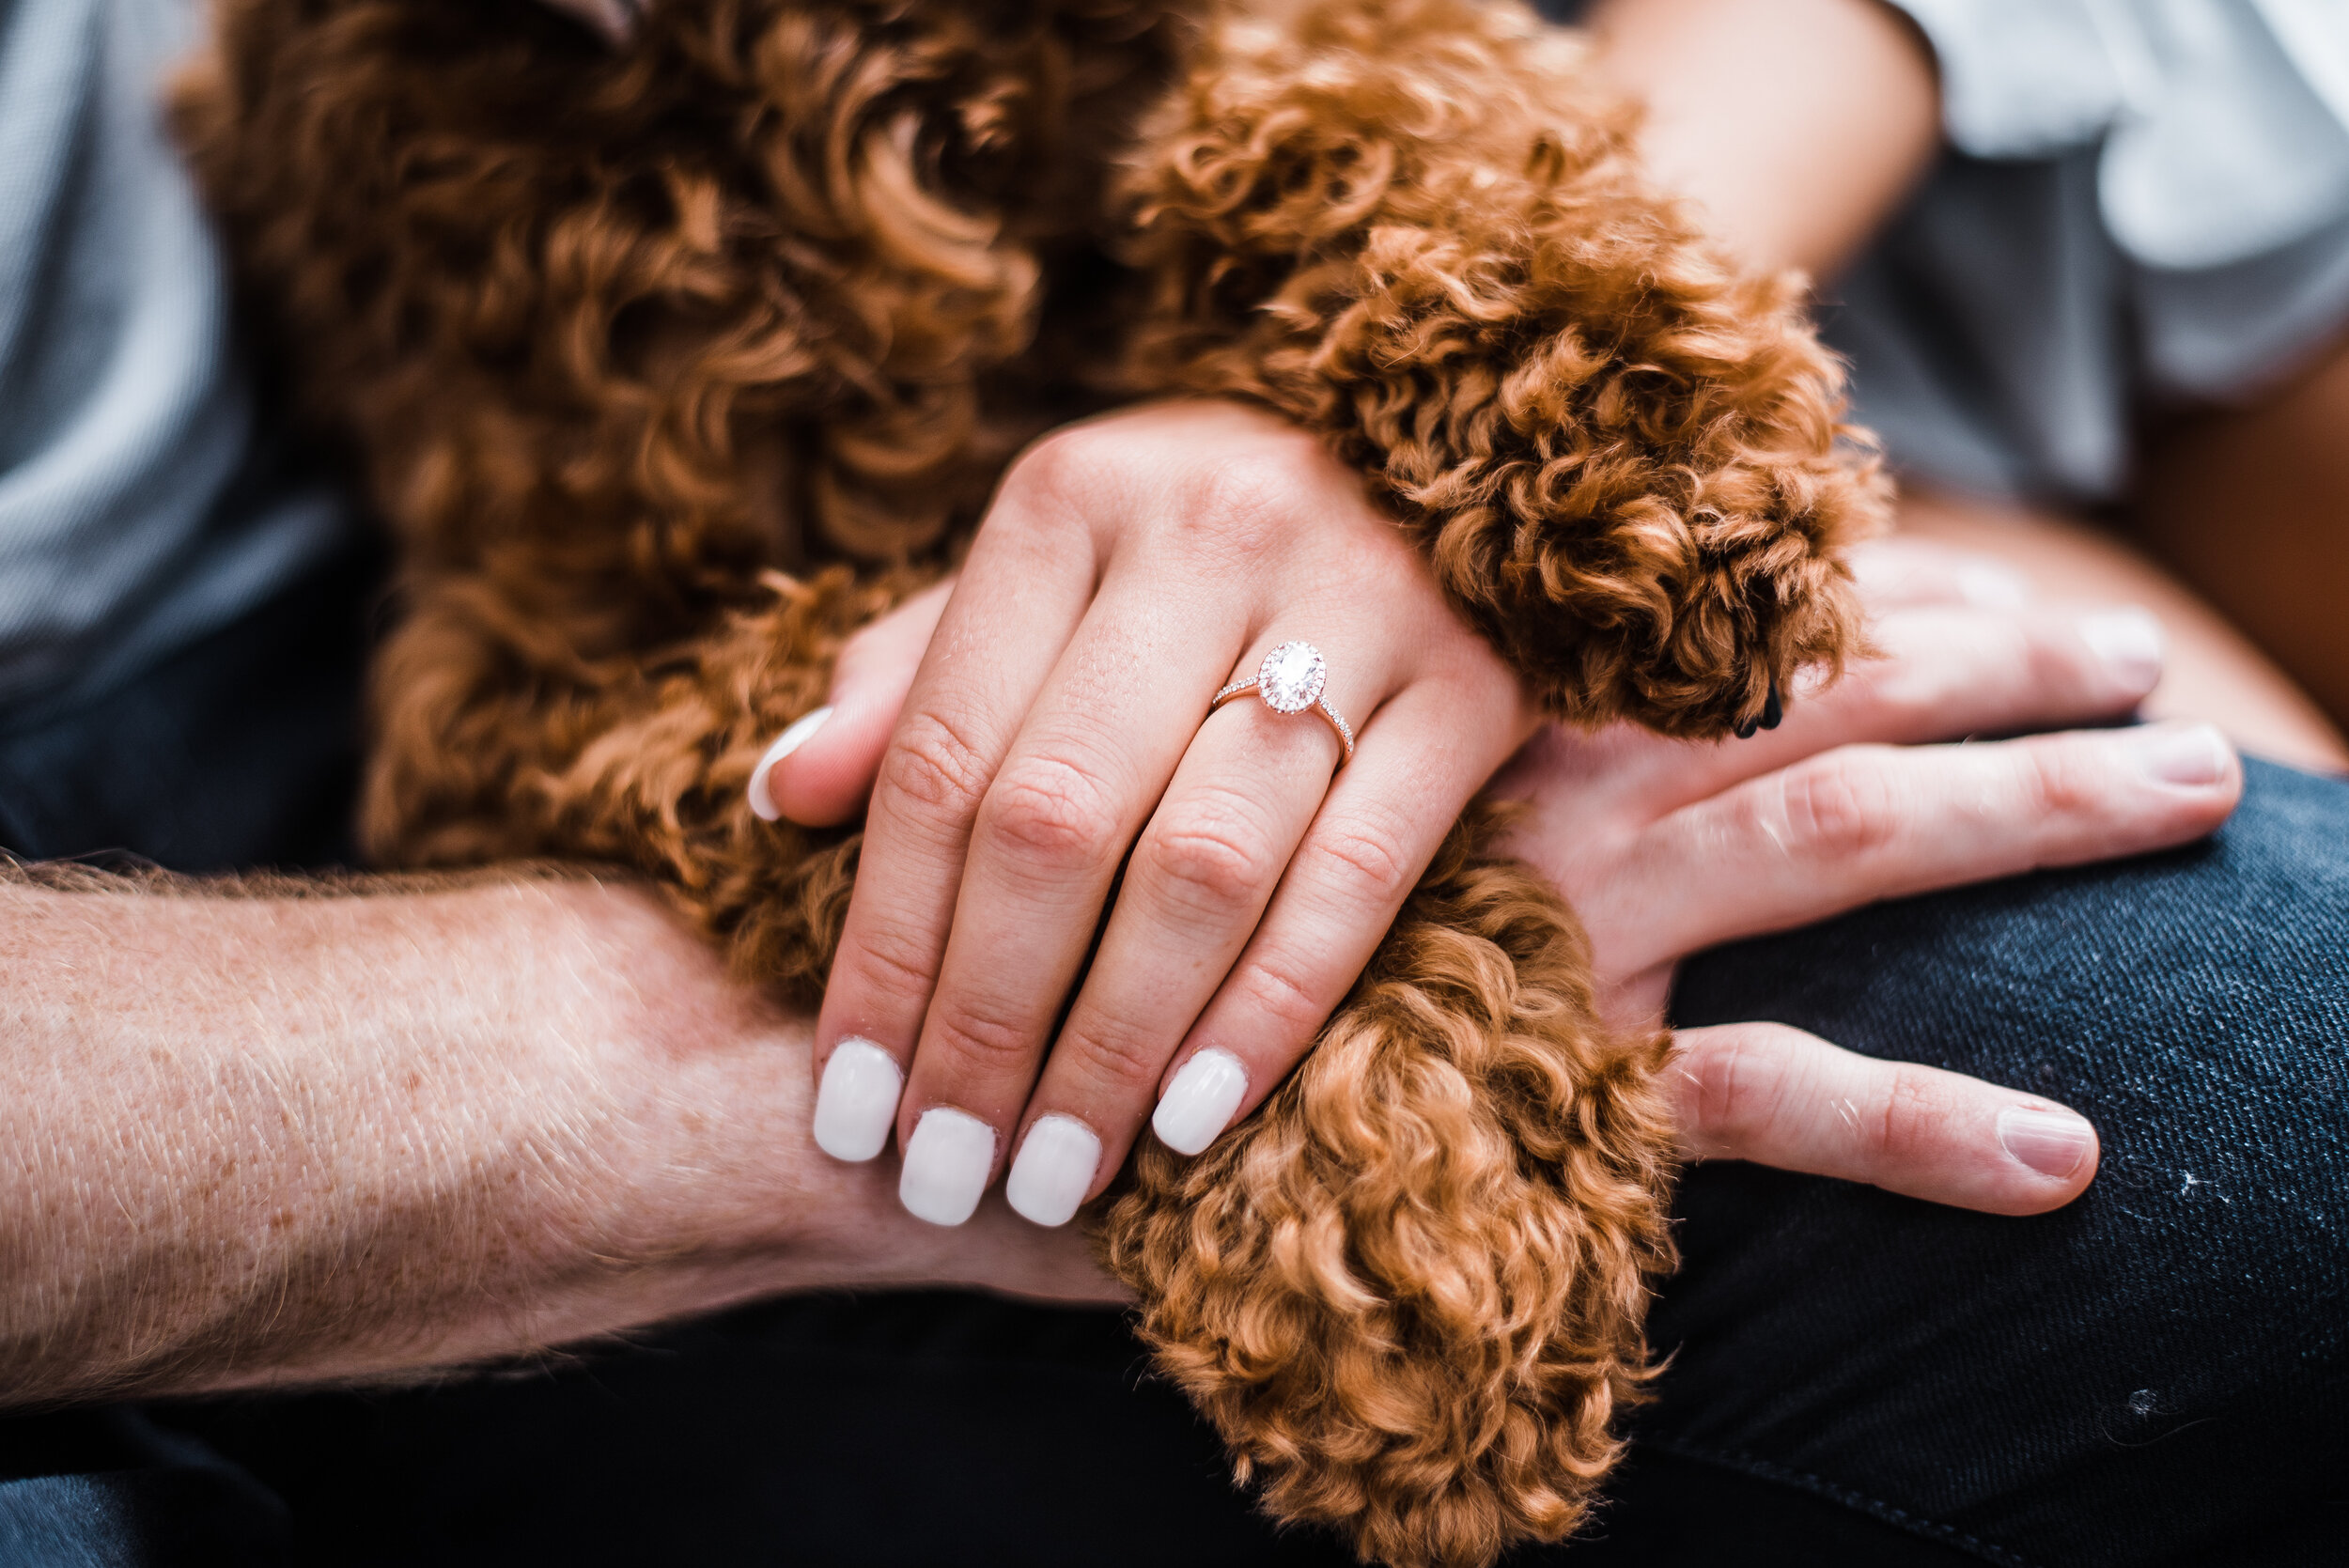 Engagement-7105.jpg